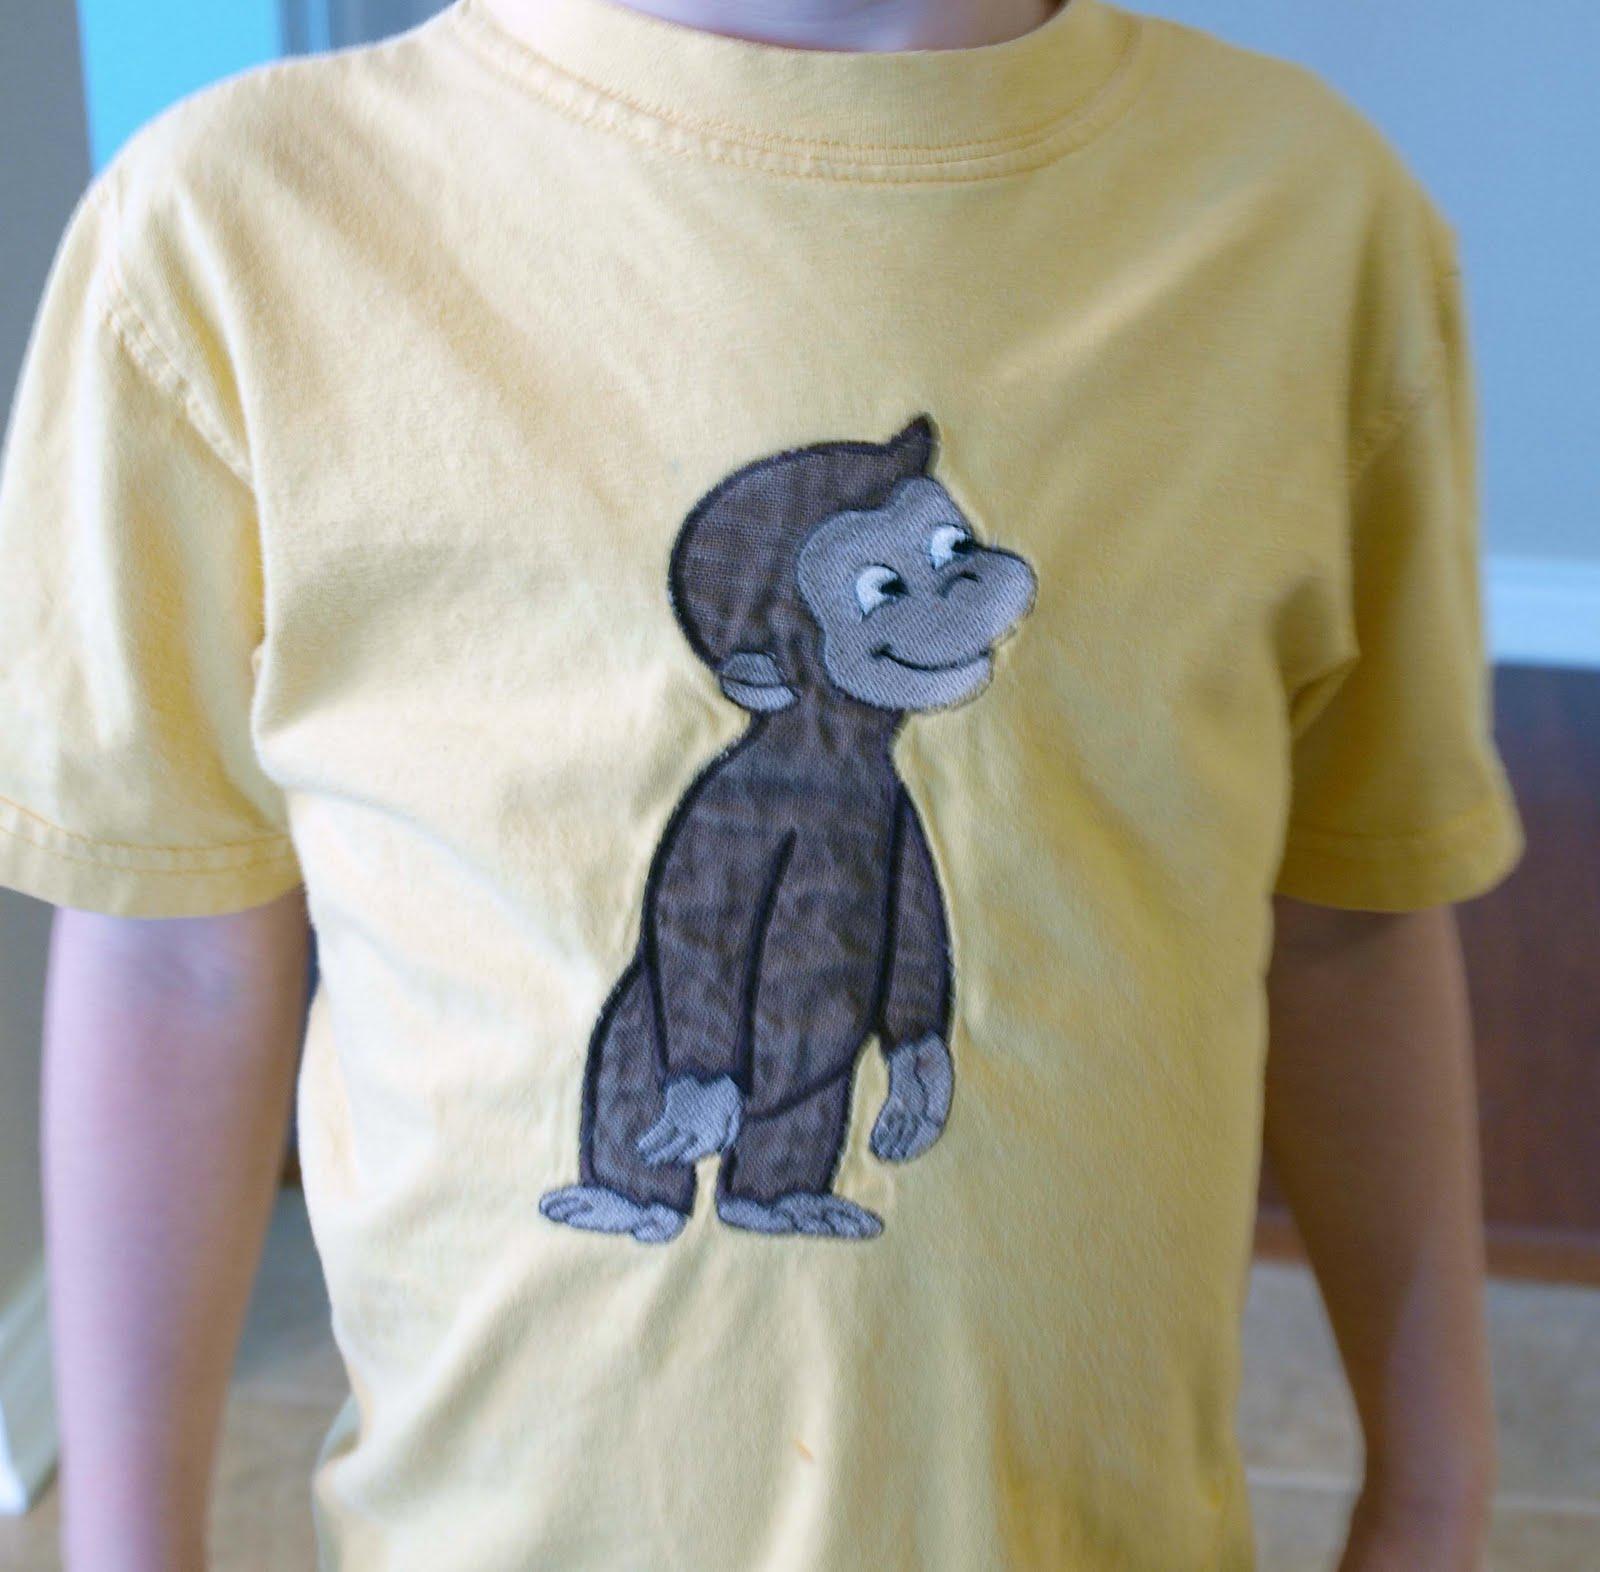 http://4.bp.blogspot.com/-BOsNjUVMdlE/TbSrdrVgb2I/AAAAAAAAAwM/O47H3QxefEY/s1600/Curious+George+Shirt.jpg